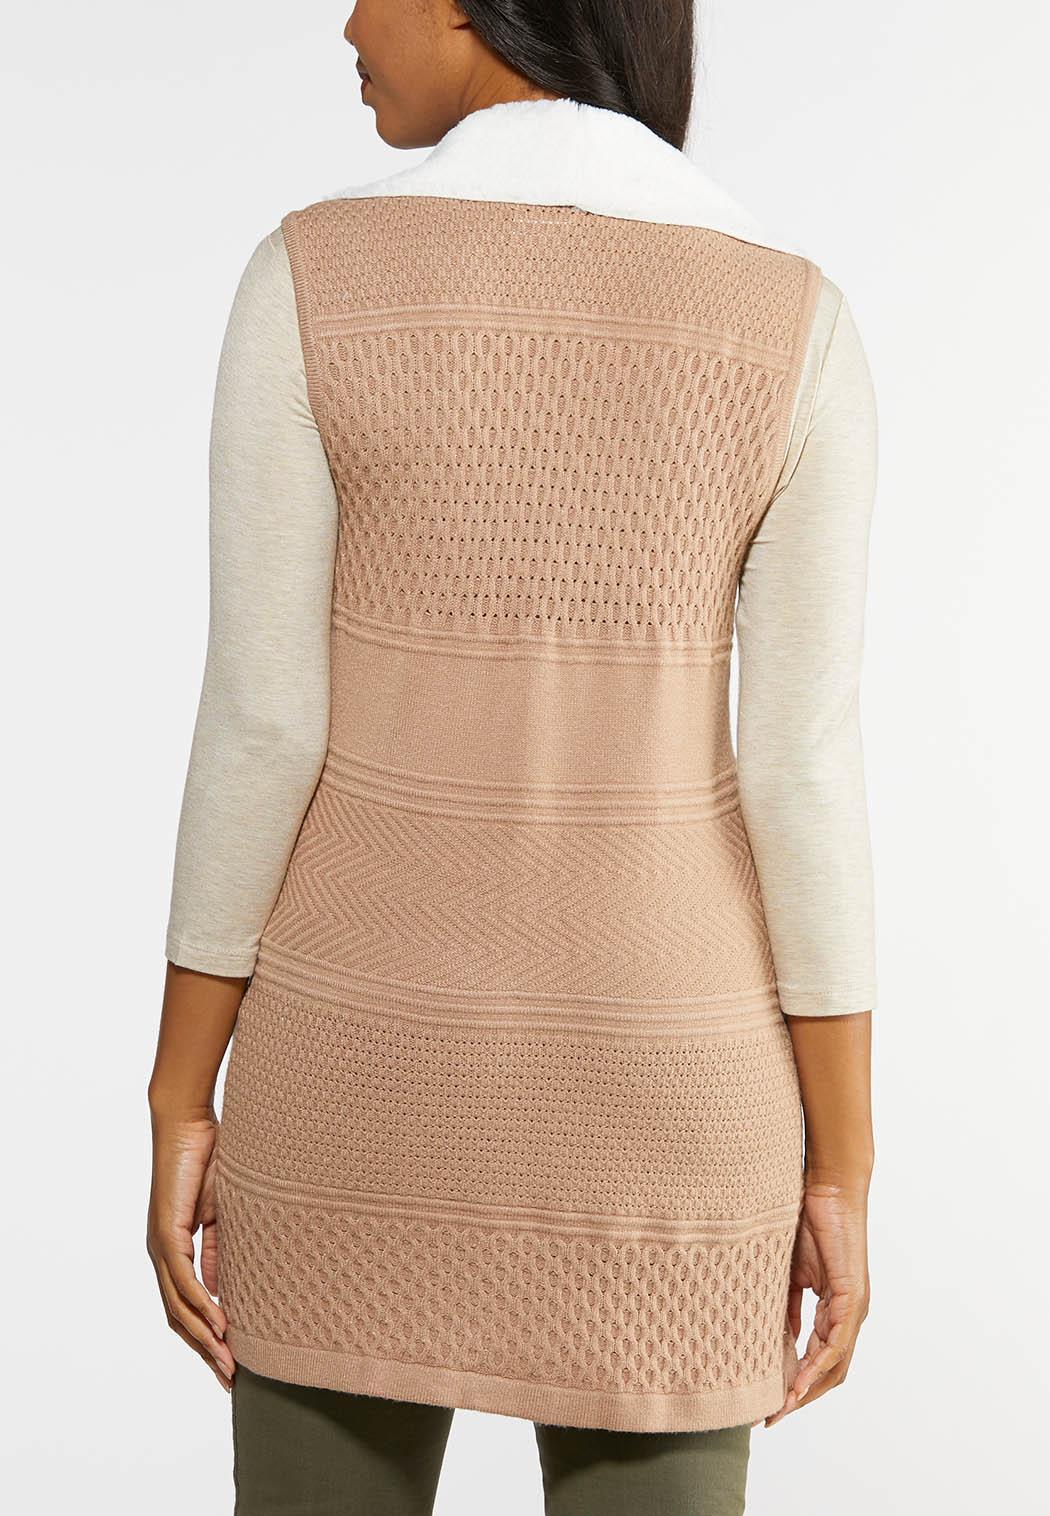 Faux Fur Lined Sweater Vest (Item #43992986)